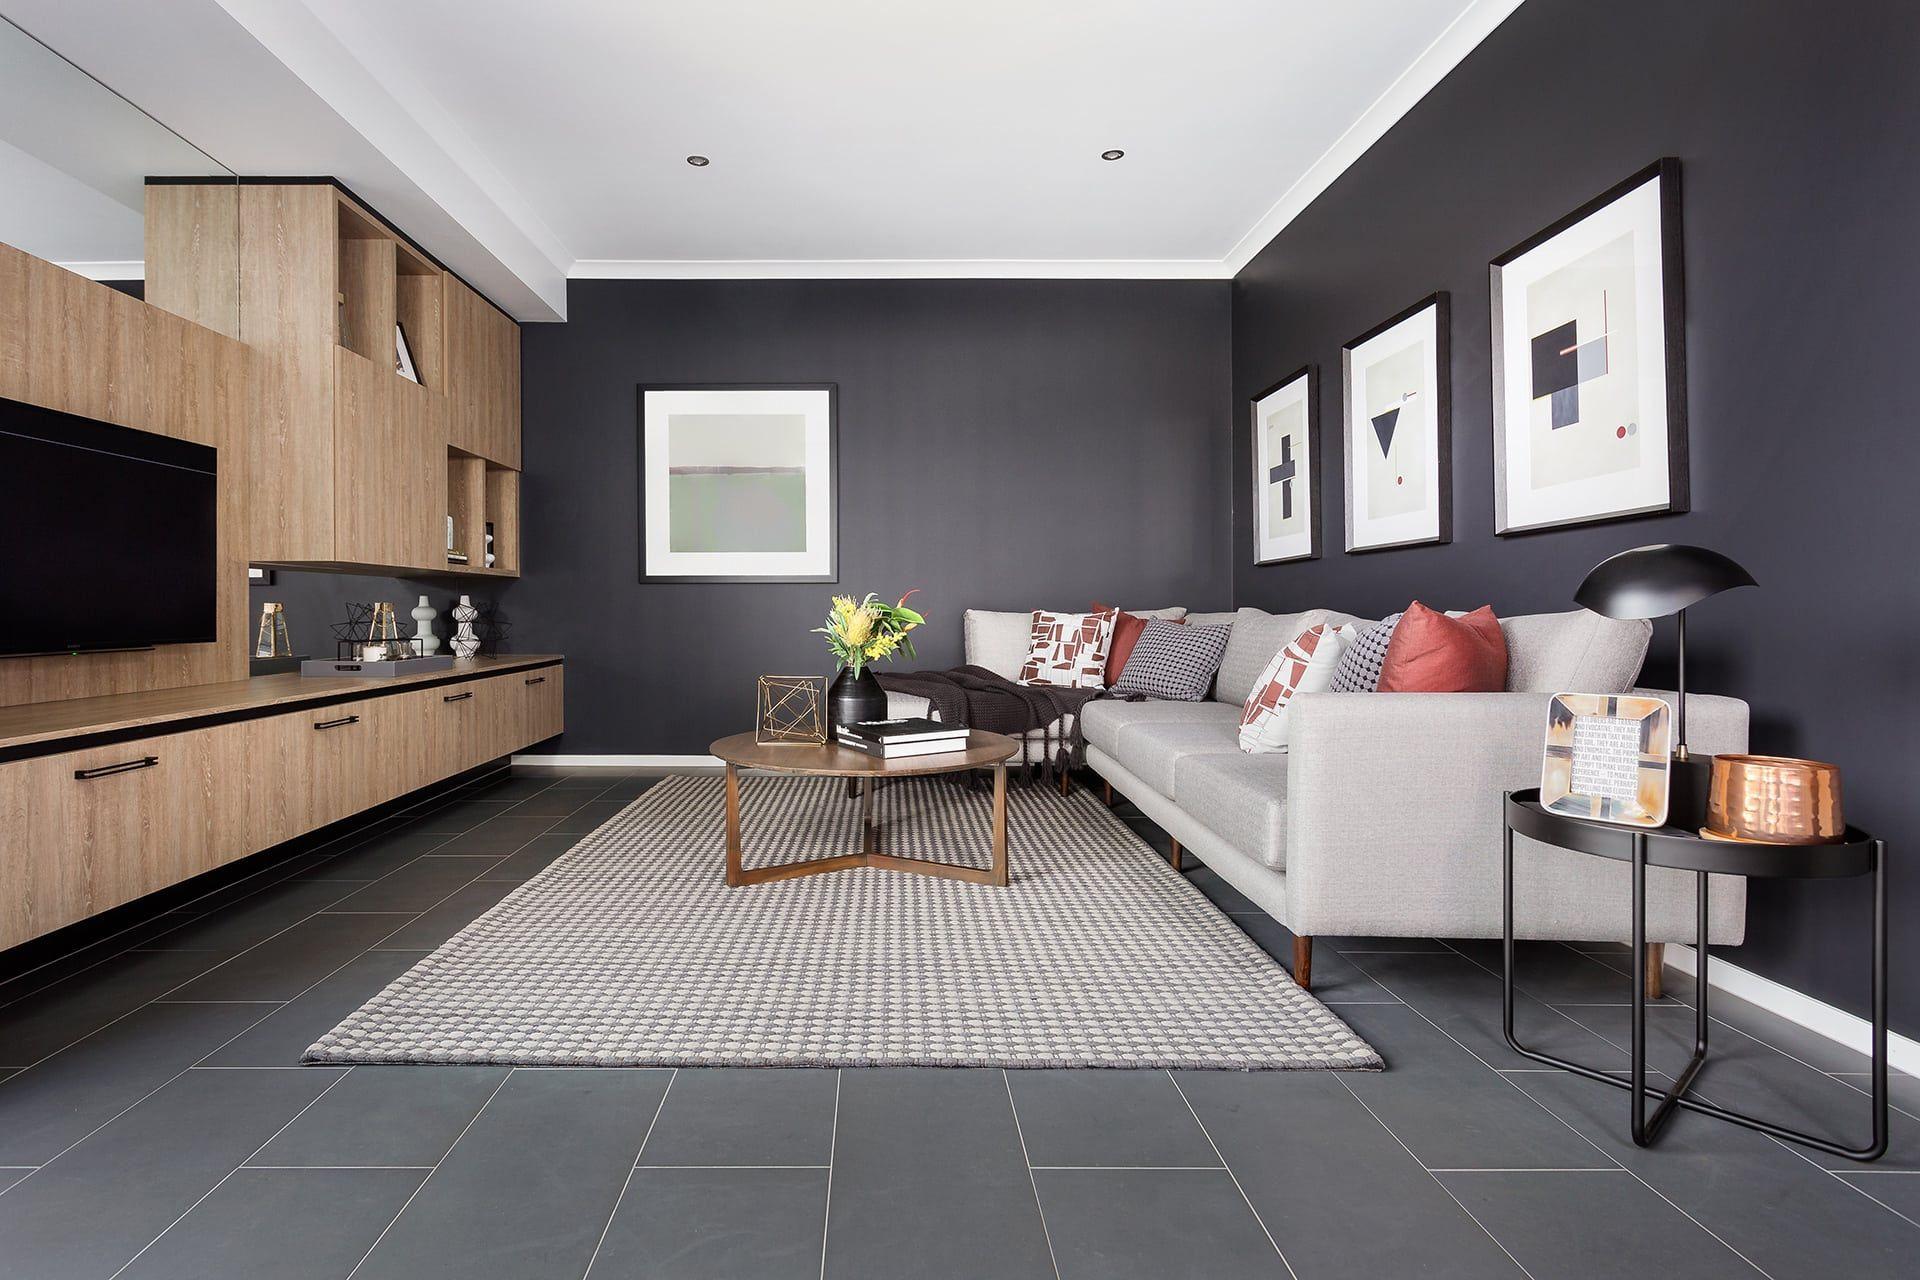 20 Grey Floor Living Room Magzhouse, Grey Floor Living Room